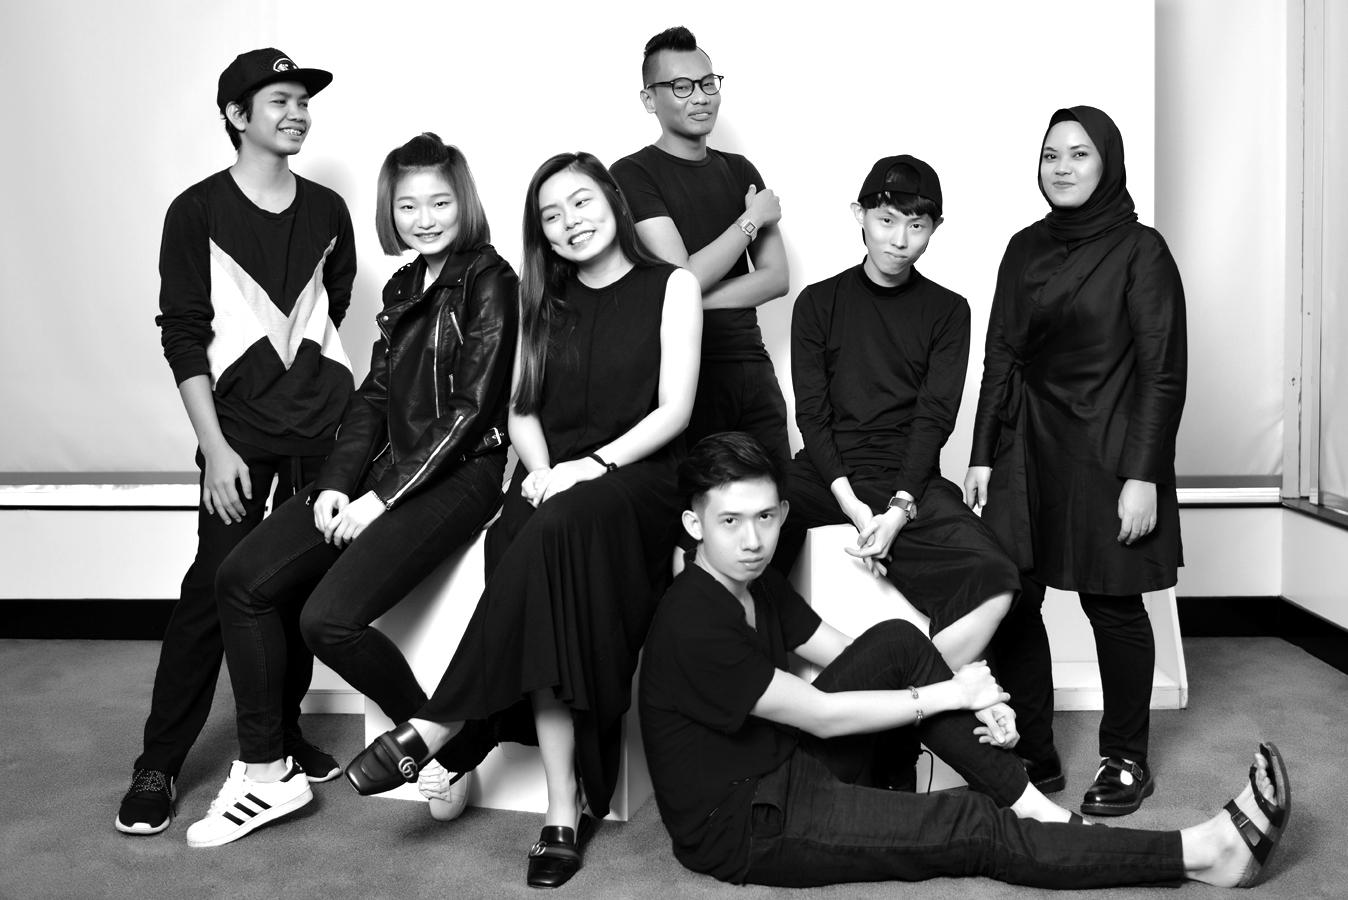 Syamil Fazwan, Ong Pei Yin & Ter Mei Ching, Fiqbah, Loh Teik Lim, Roy Xun,Seza Zulkeple